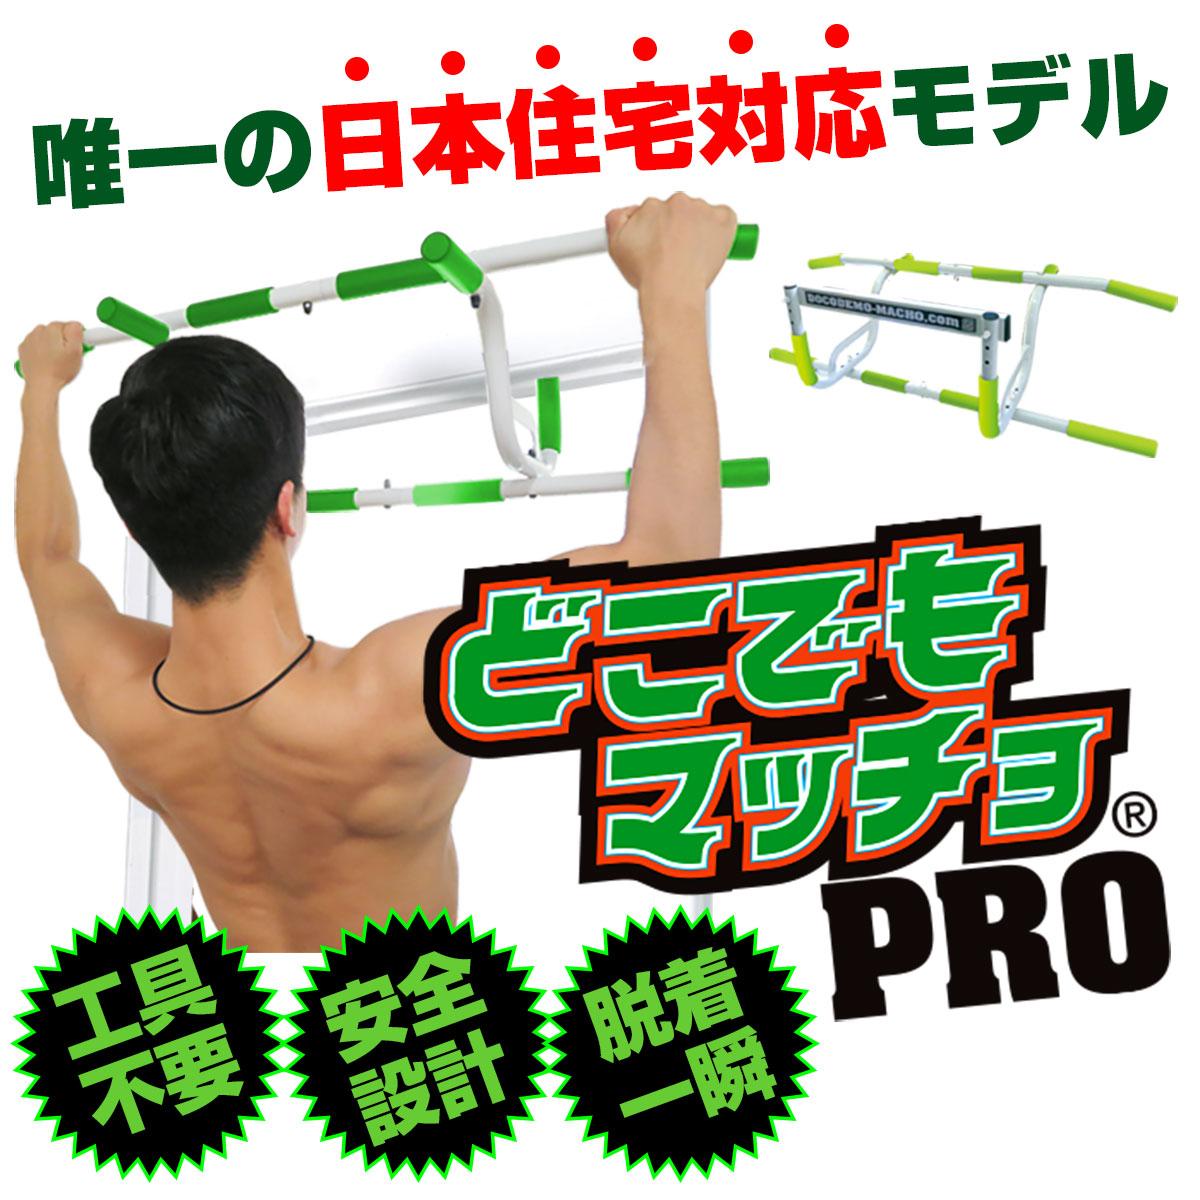 唯一の日本住宅対応モデル